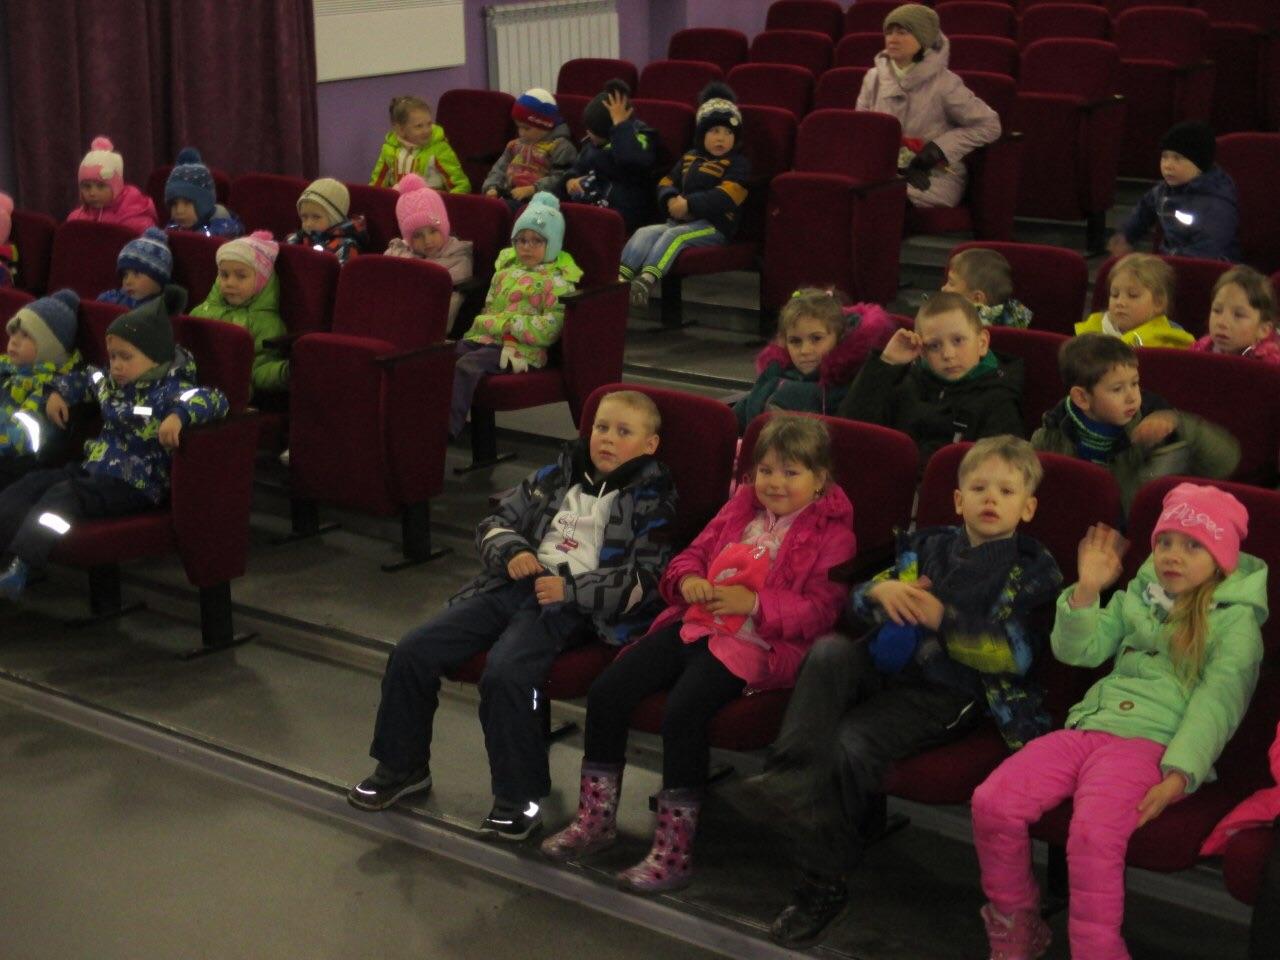 кинопрограмма по правилам дорожного движения «Самый главный на дороге - это дядя Светофор» для воспитанников детского сада «Рябинка»